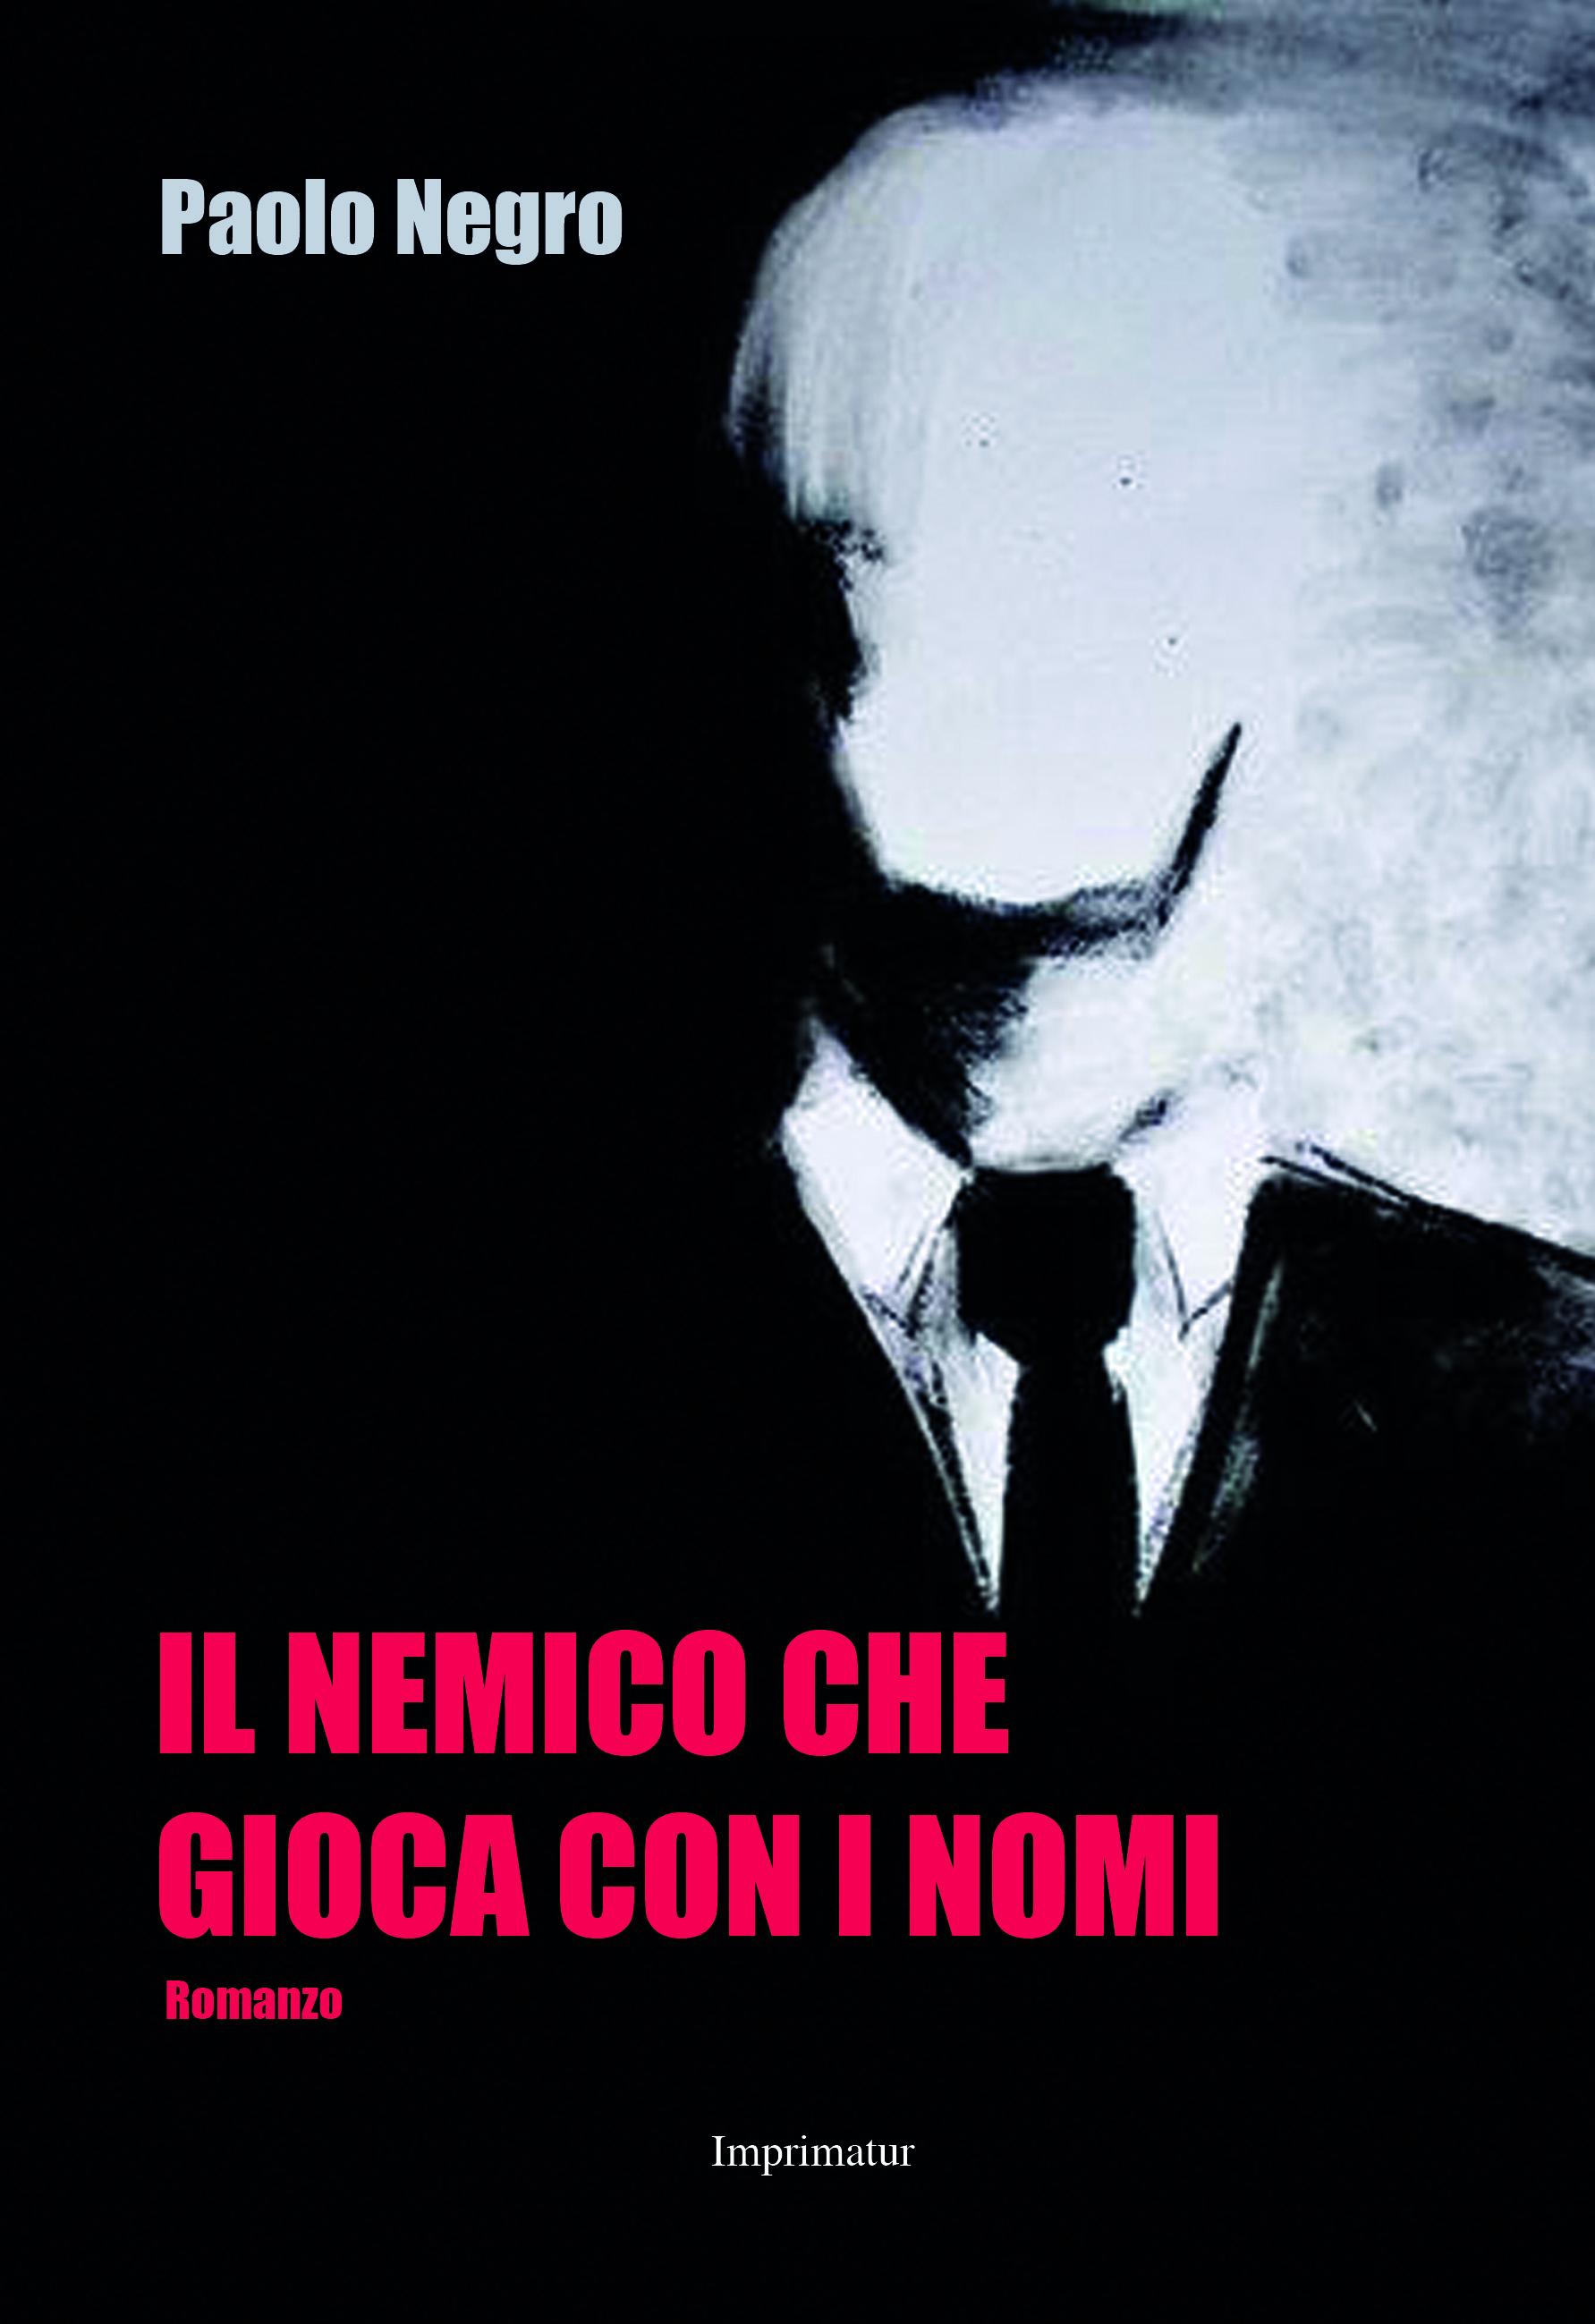 IL NEMICO CHE GIOCA CON I NOMI 1 - fanzine